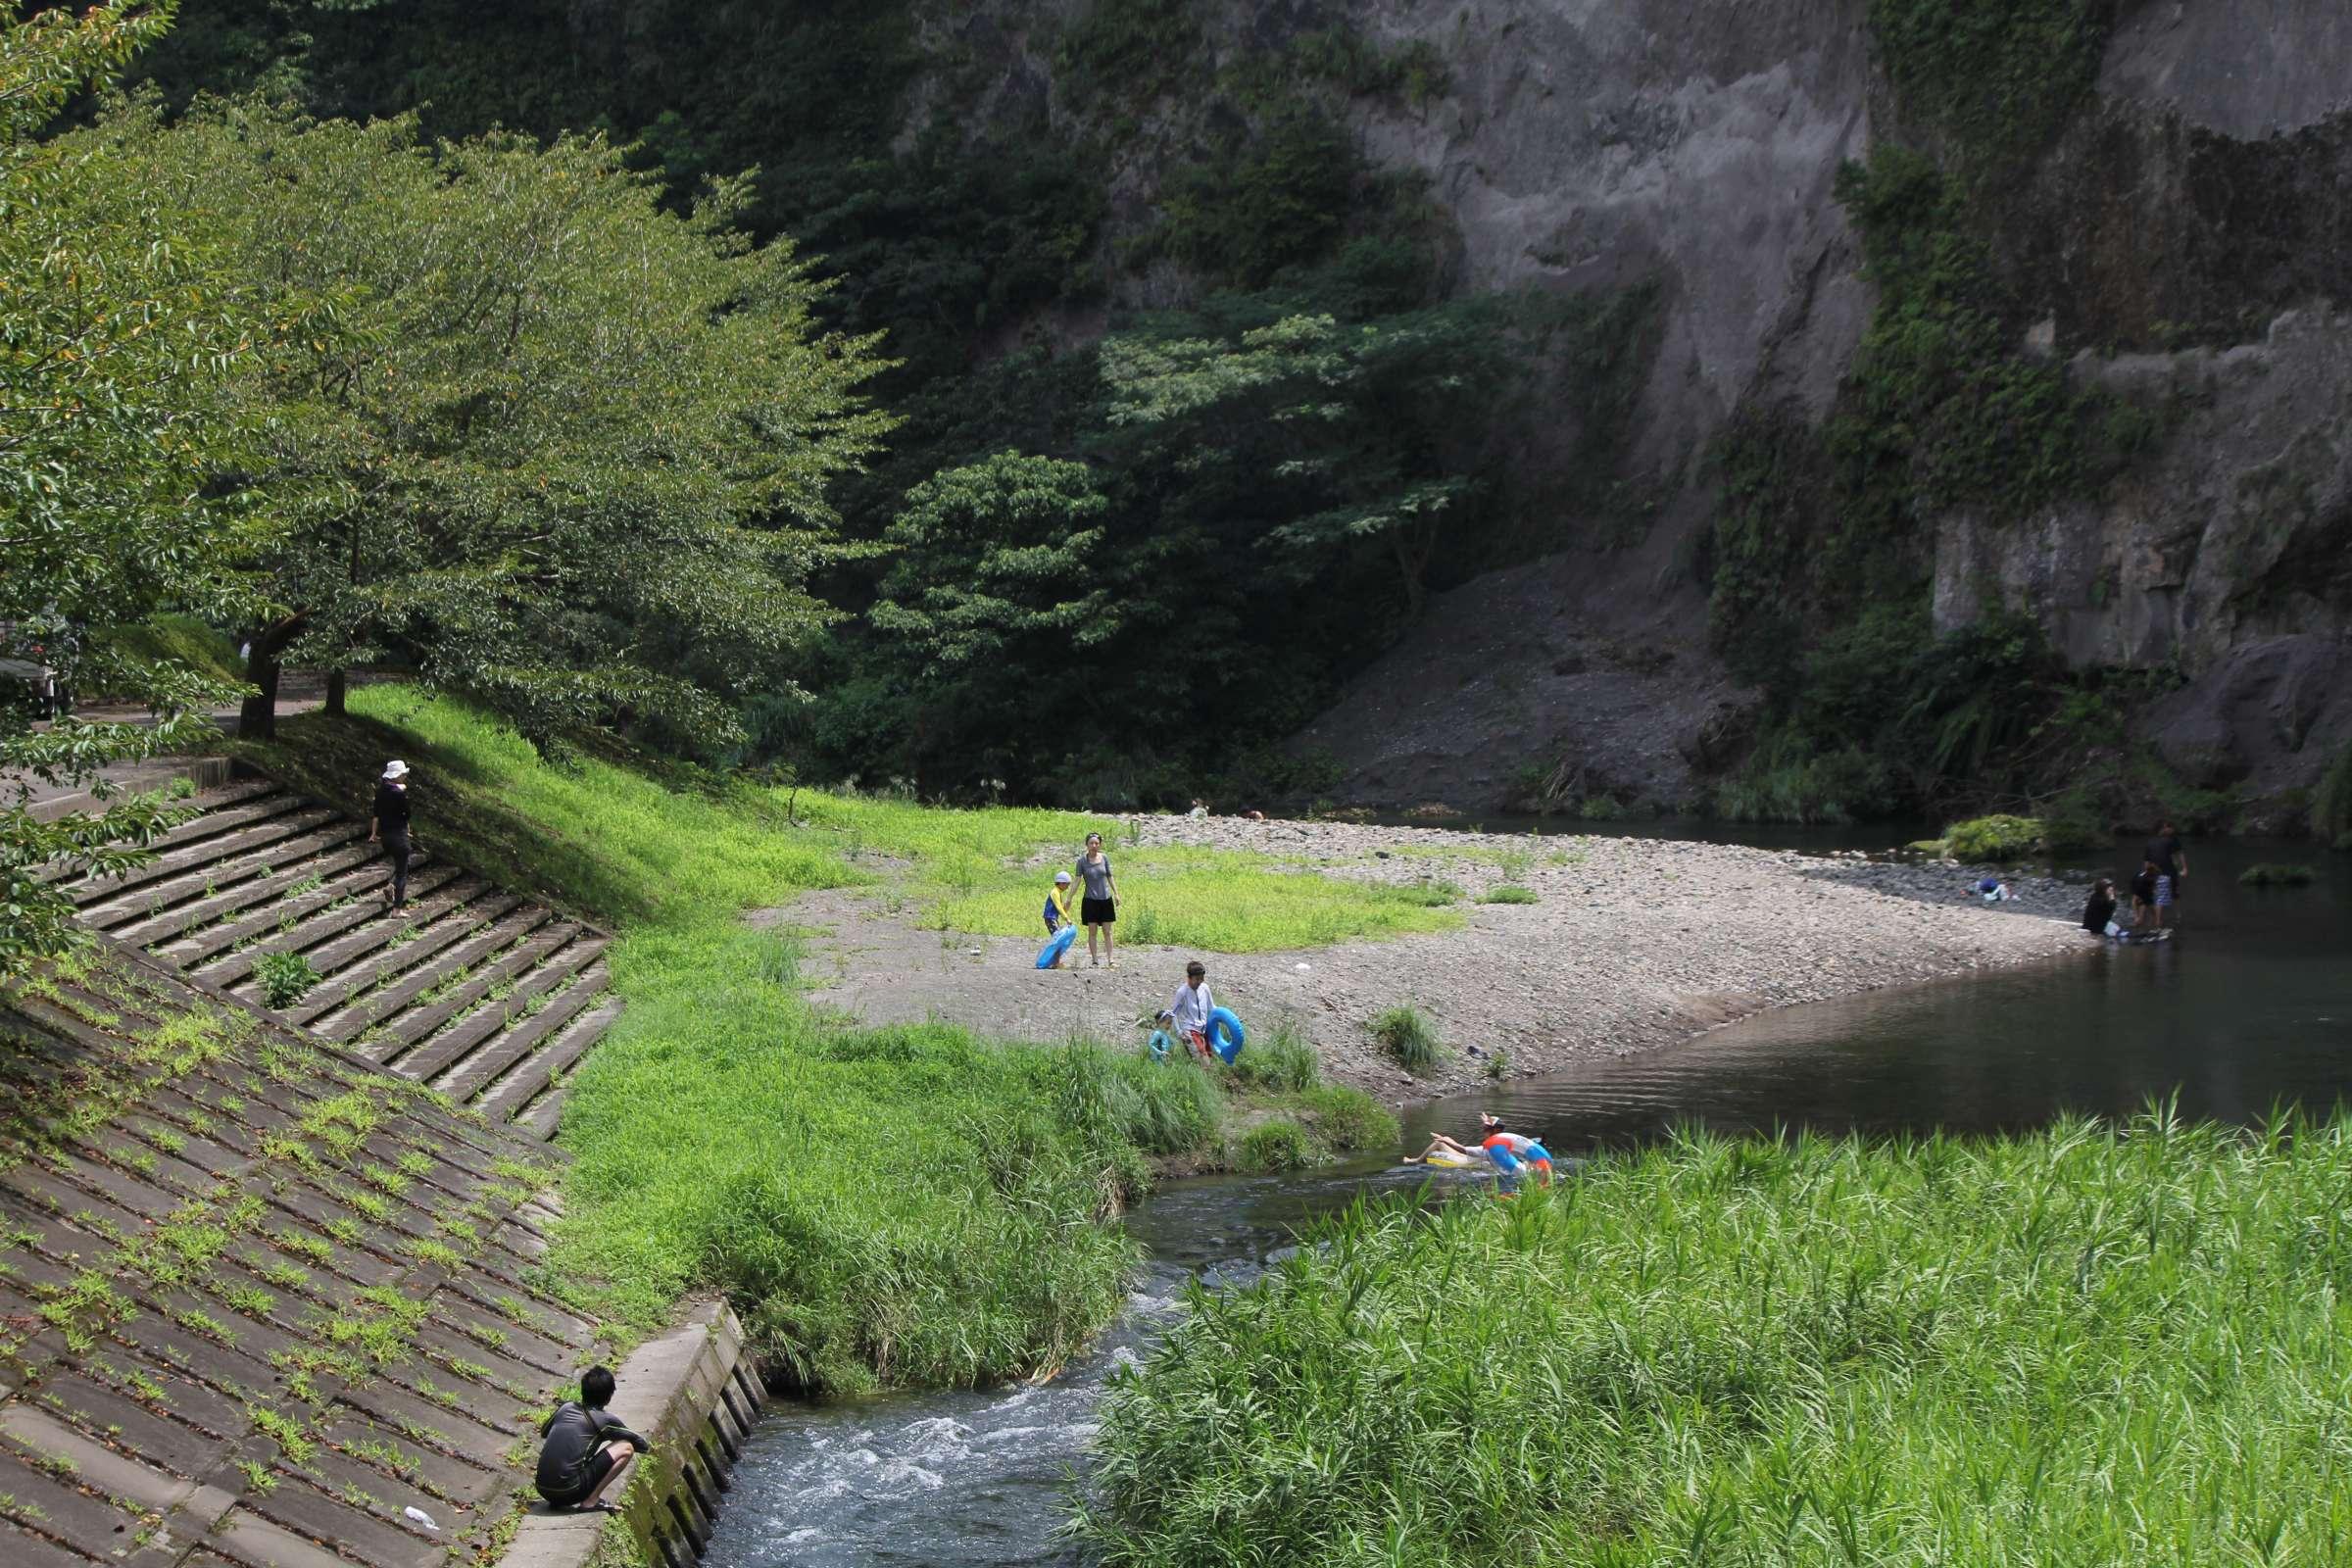 清水岩屋公園を流れる万之瀬川